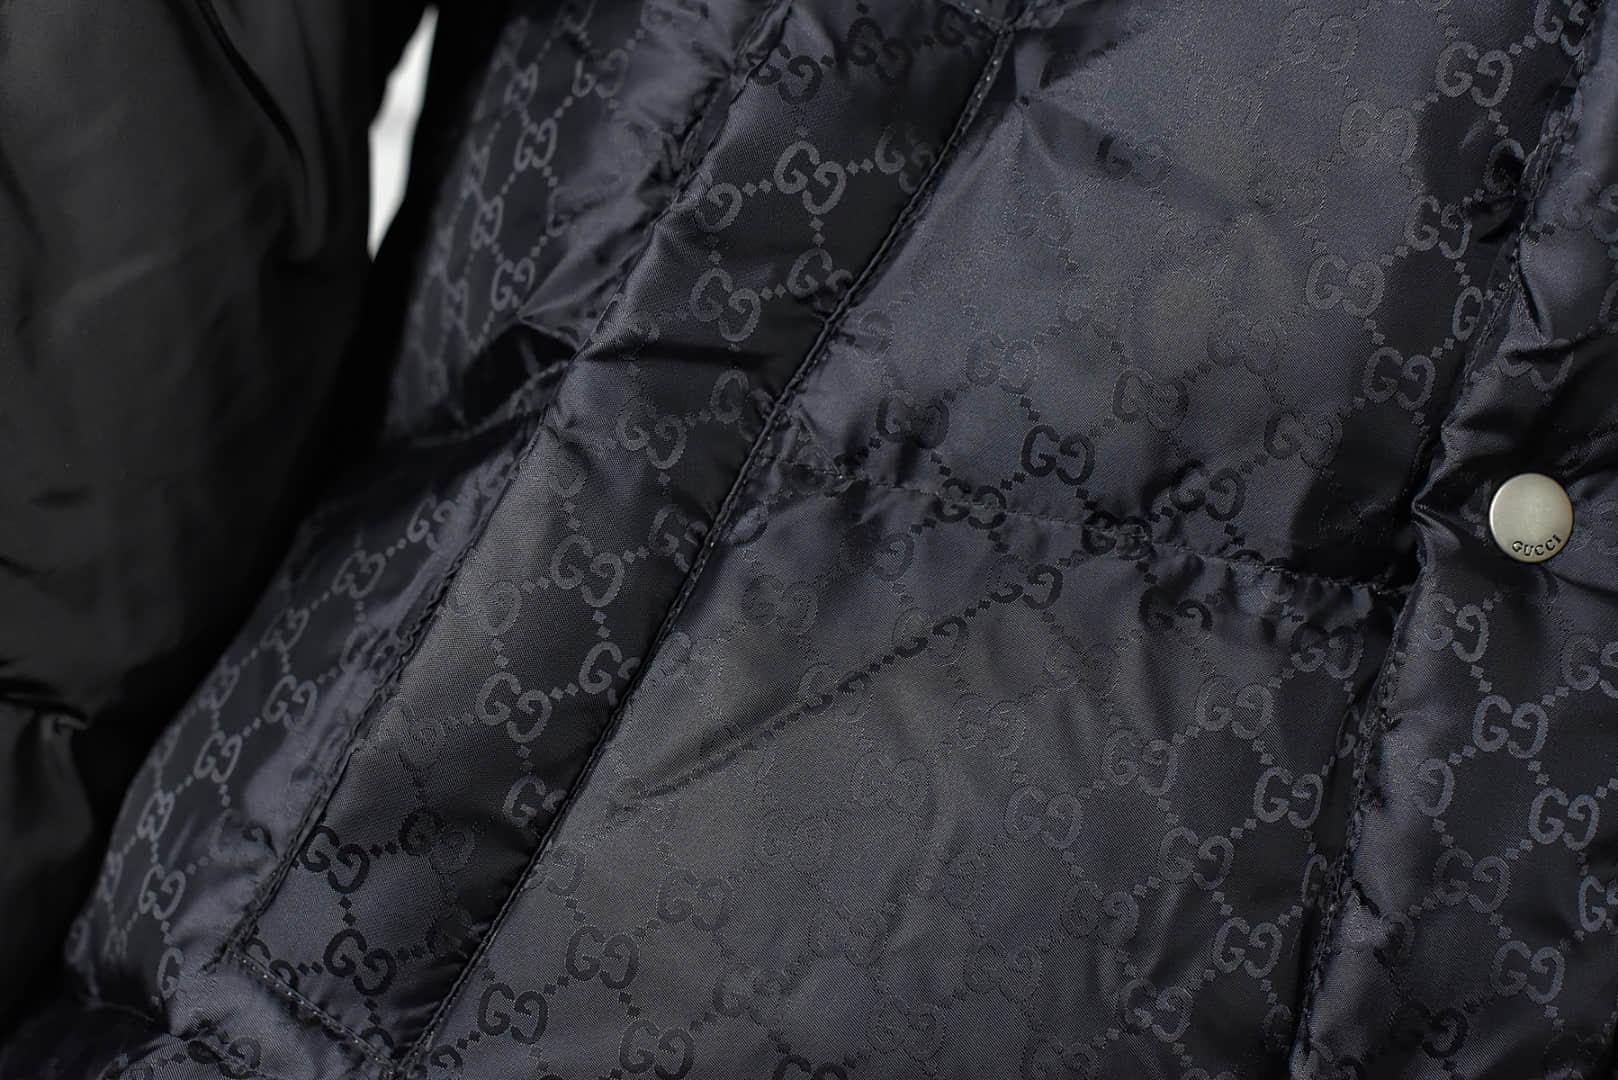 古驰莞产品质顶级复刻羽绒服 GUCCI古驰20Fw反光G条纹羽绒服 GUCCI面料客订同规格功能性面料-潮流者之家